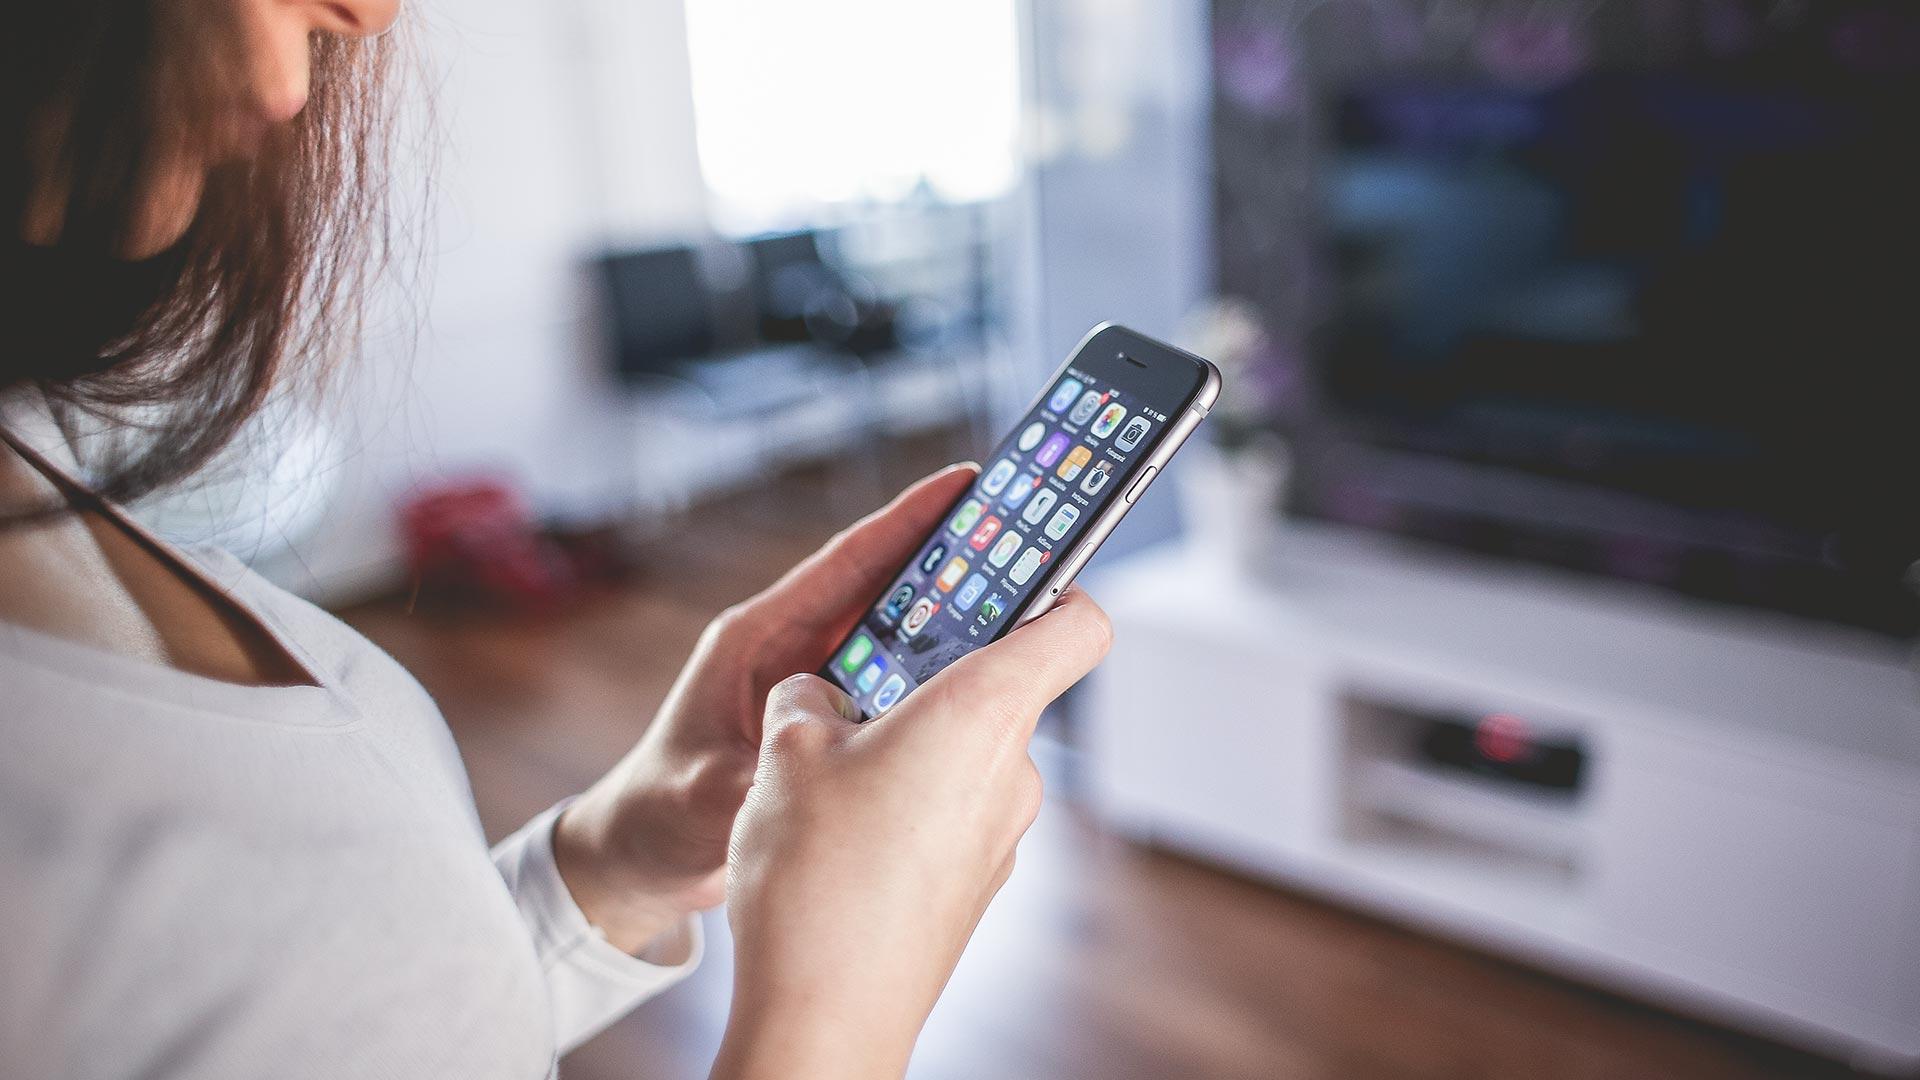 Viele TV-Halterungen und Liftsysteme lassen sich problemlos in Ihr Smart Home-Steuersystem einbinden.